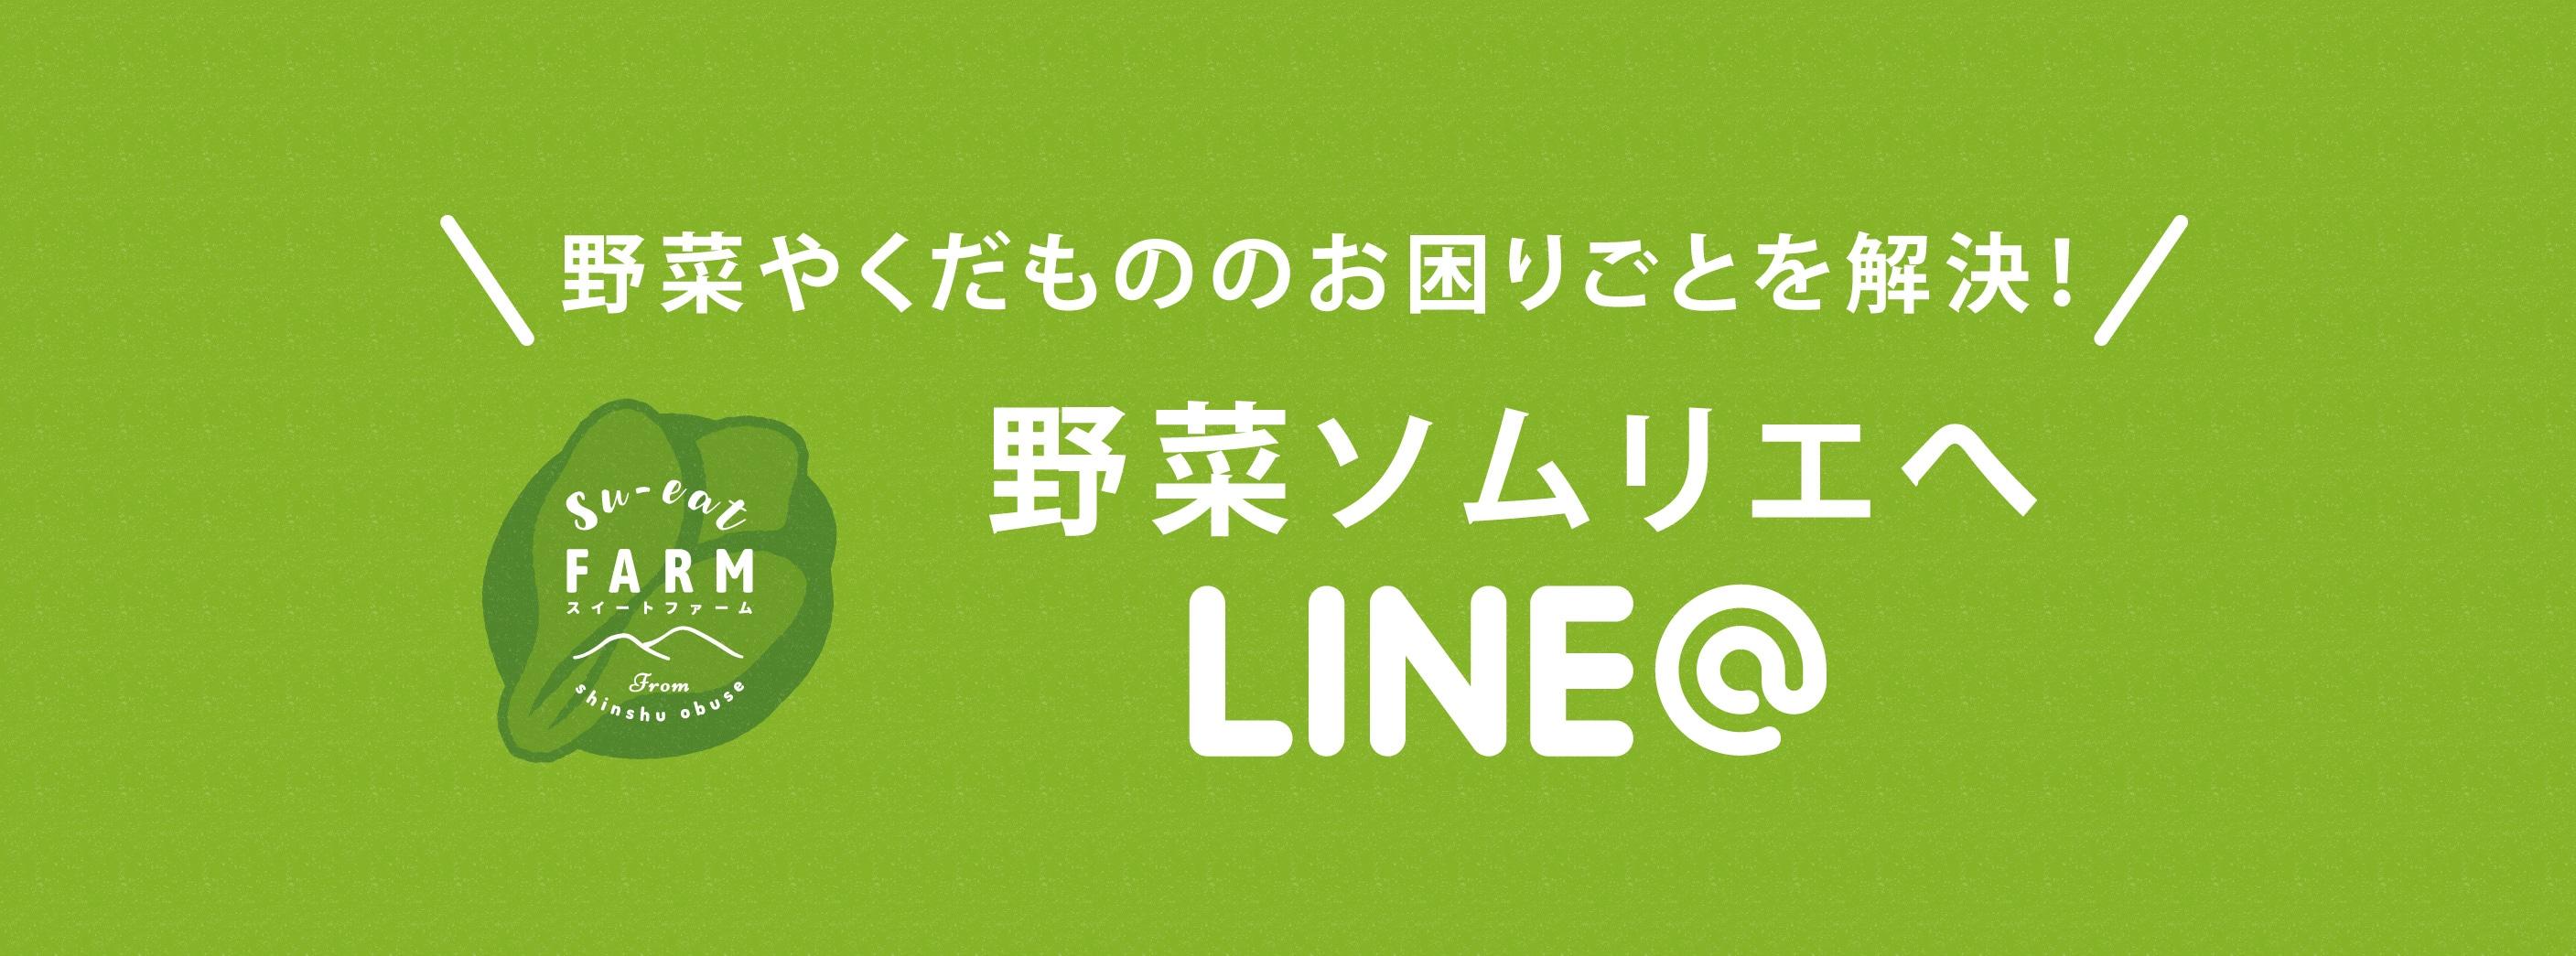 野菜ソムリエにLINEで質問してみよう。